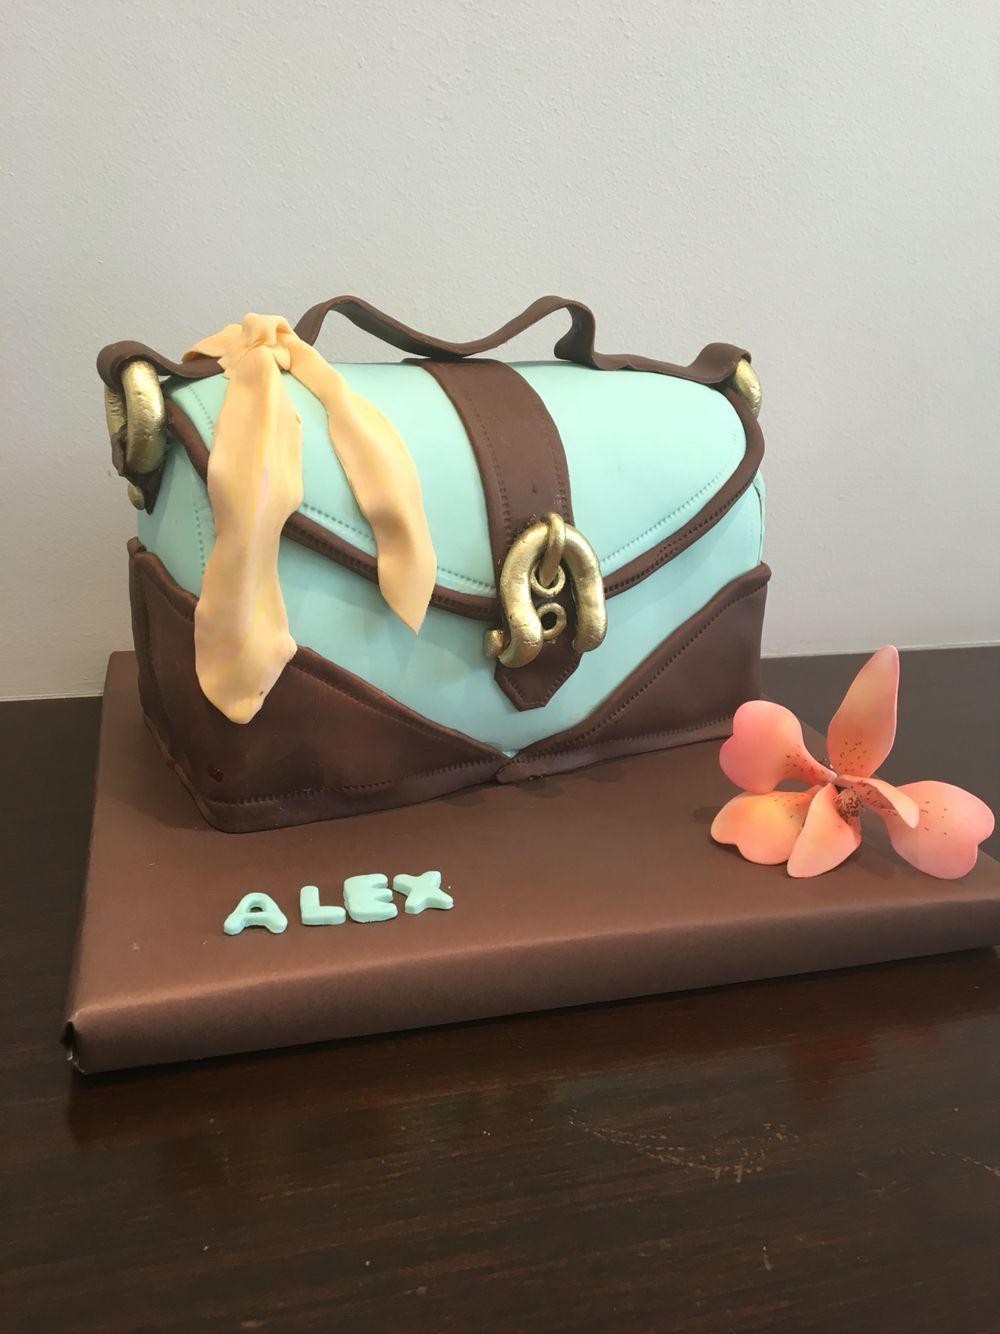 Pin on Baking Dreams by Carolina M